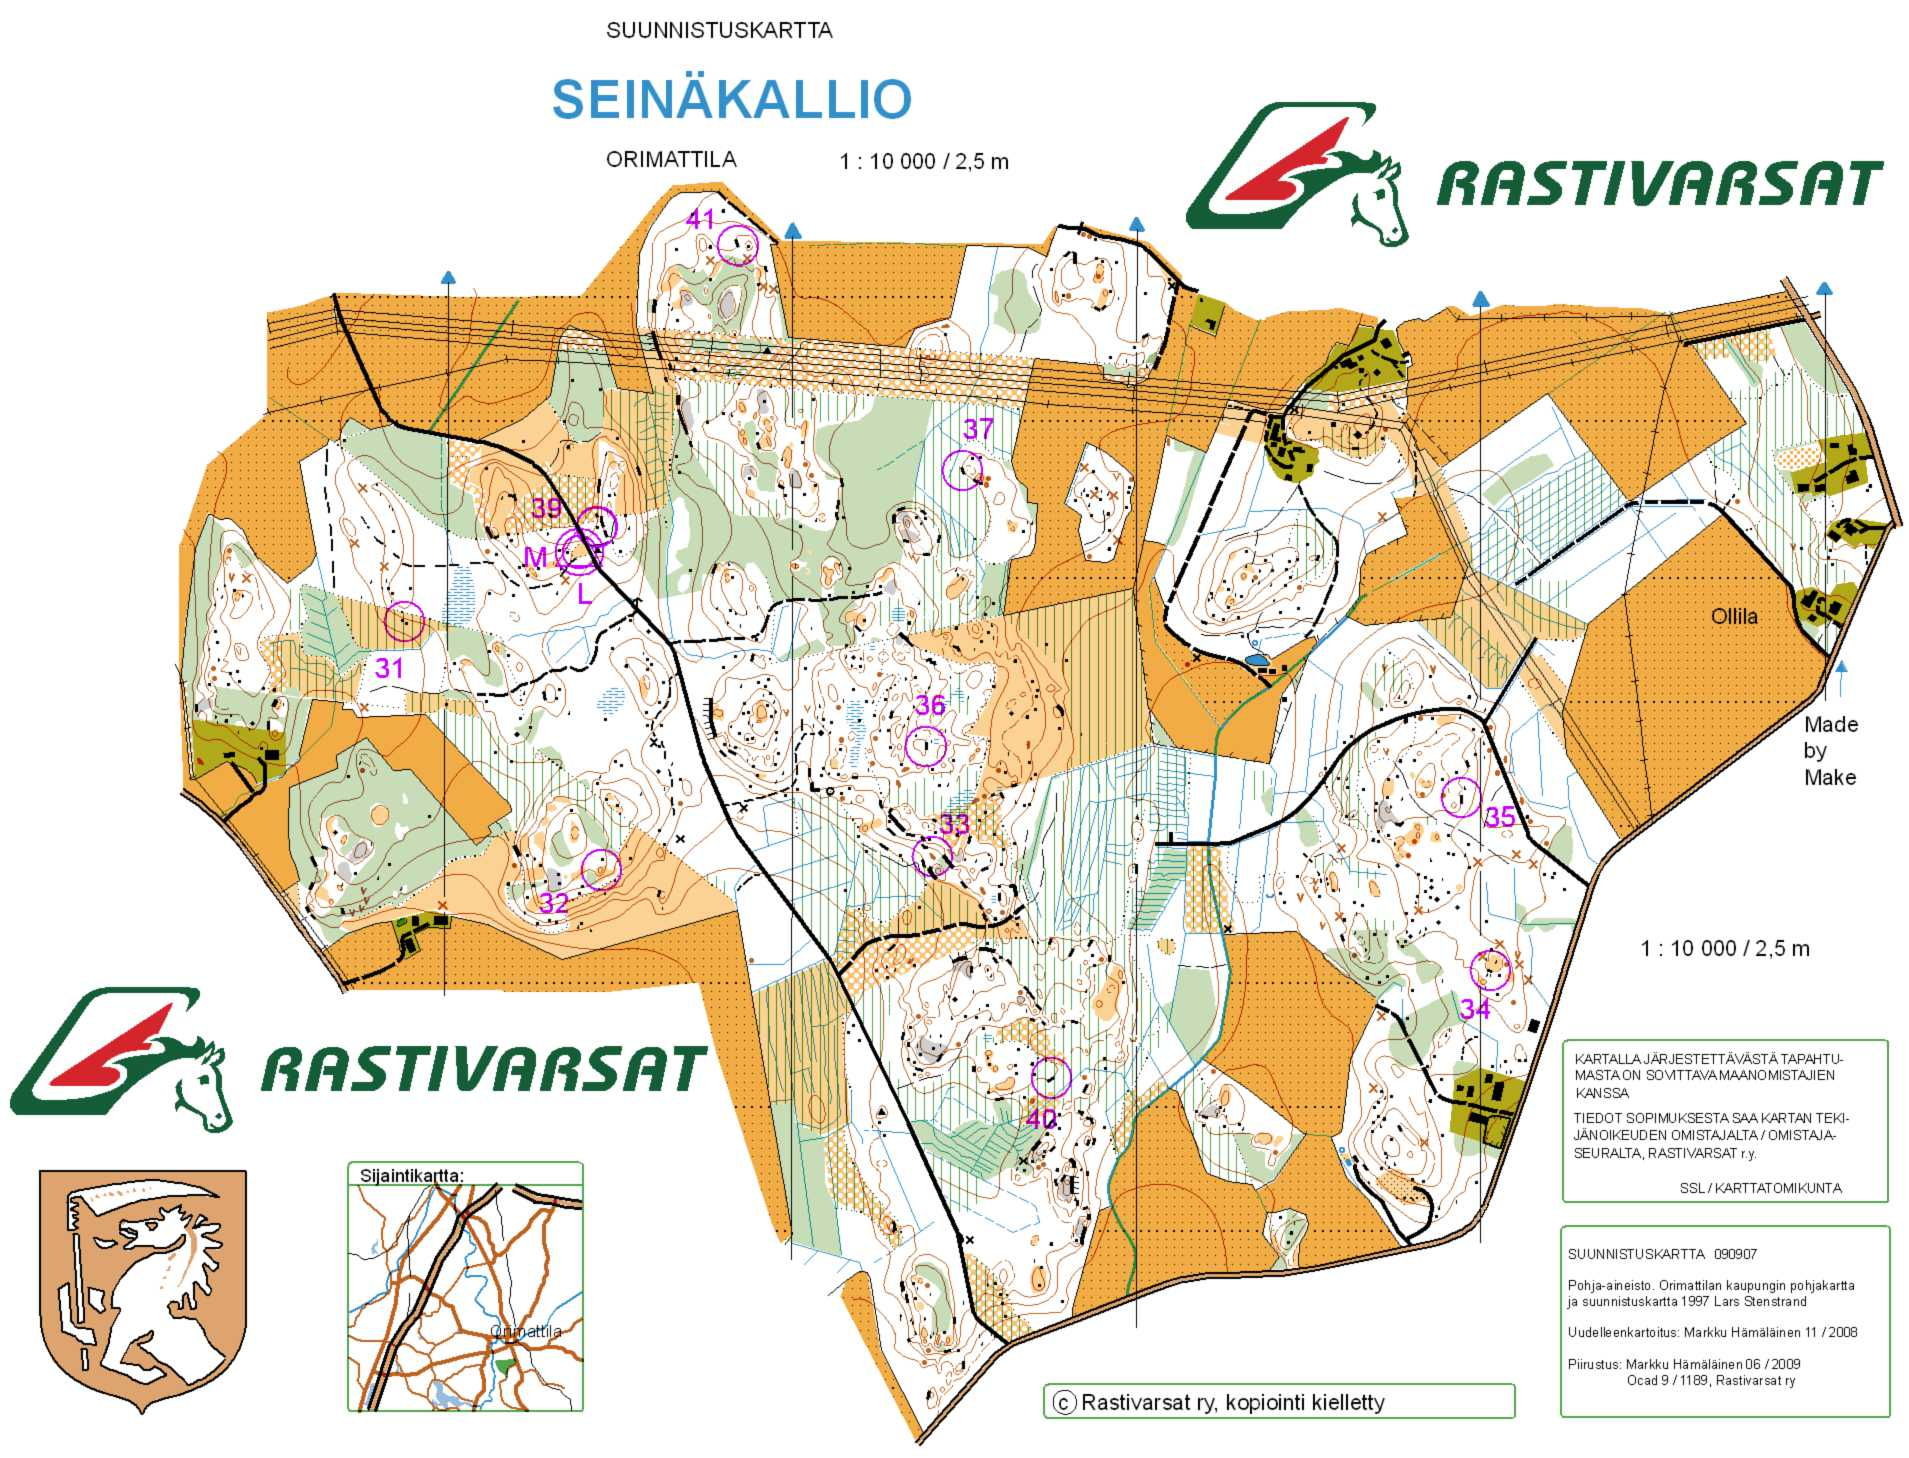 Tapaninsuunnistus Seinakallio December 26th 2011 Orienteering